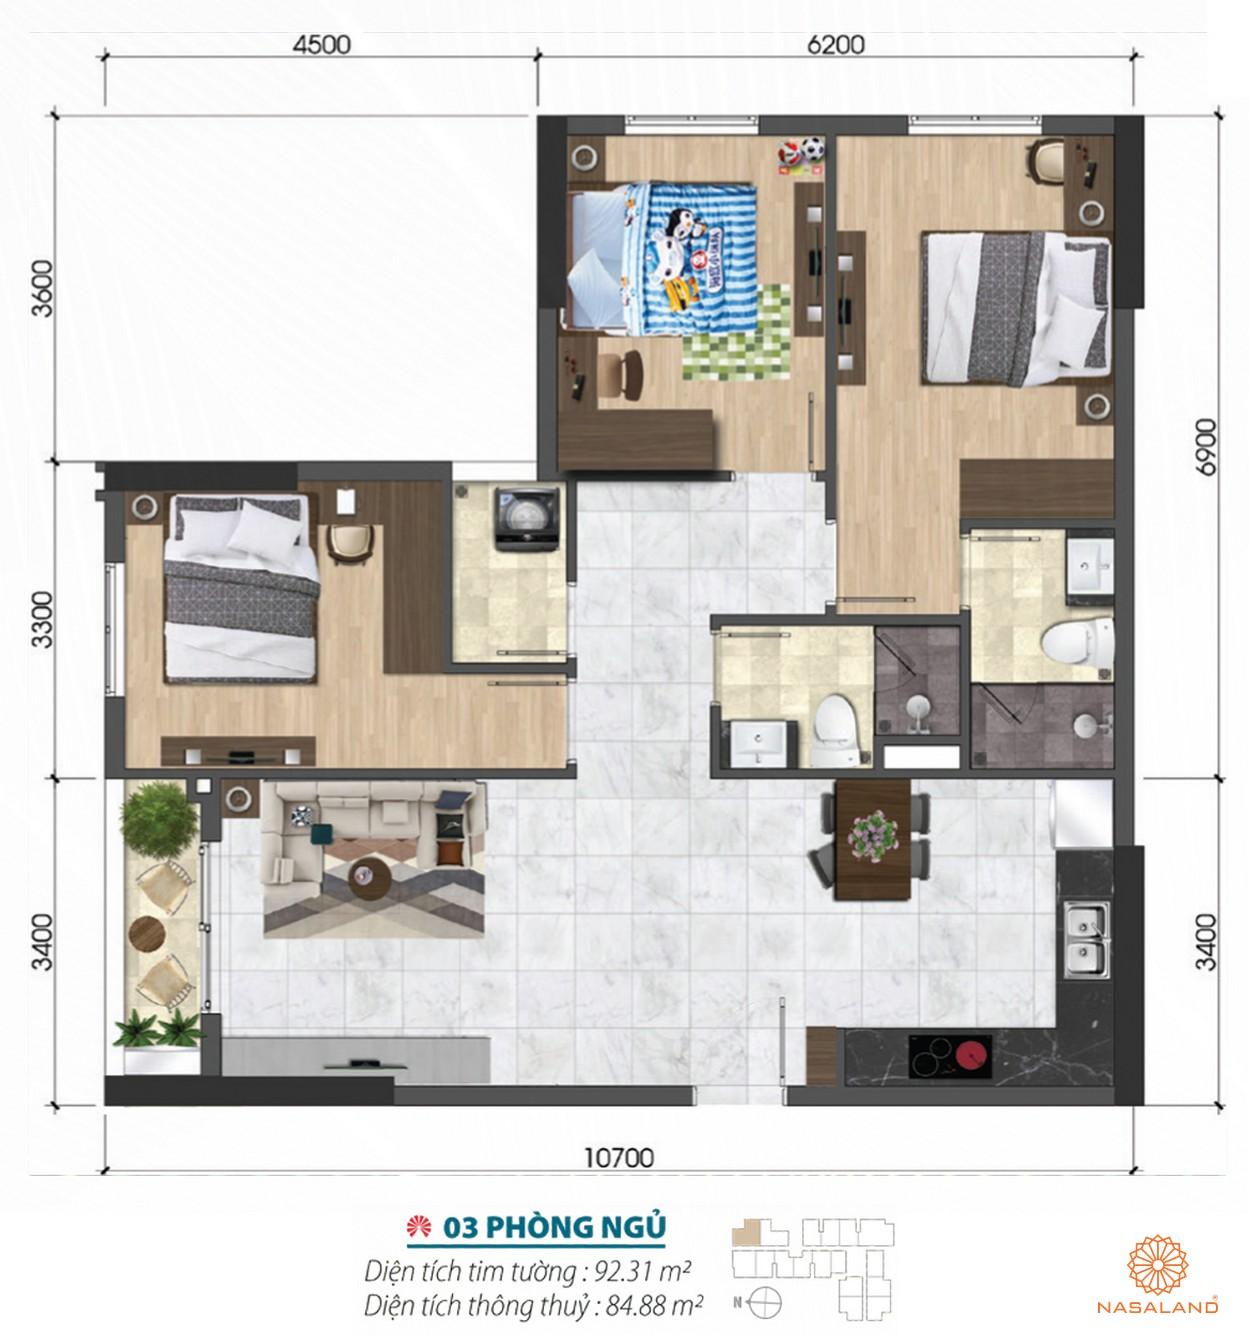 Thiết kế 3 phòng ngủ rộng rãi của dự án căn hộ Asiana